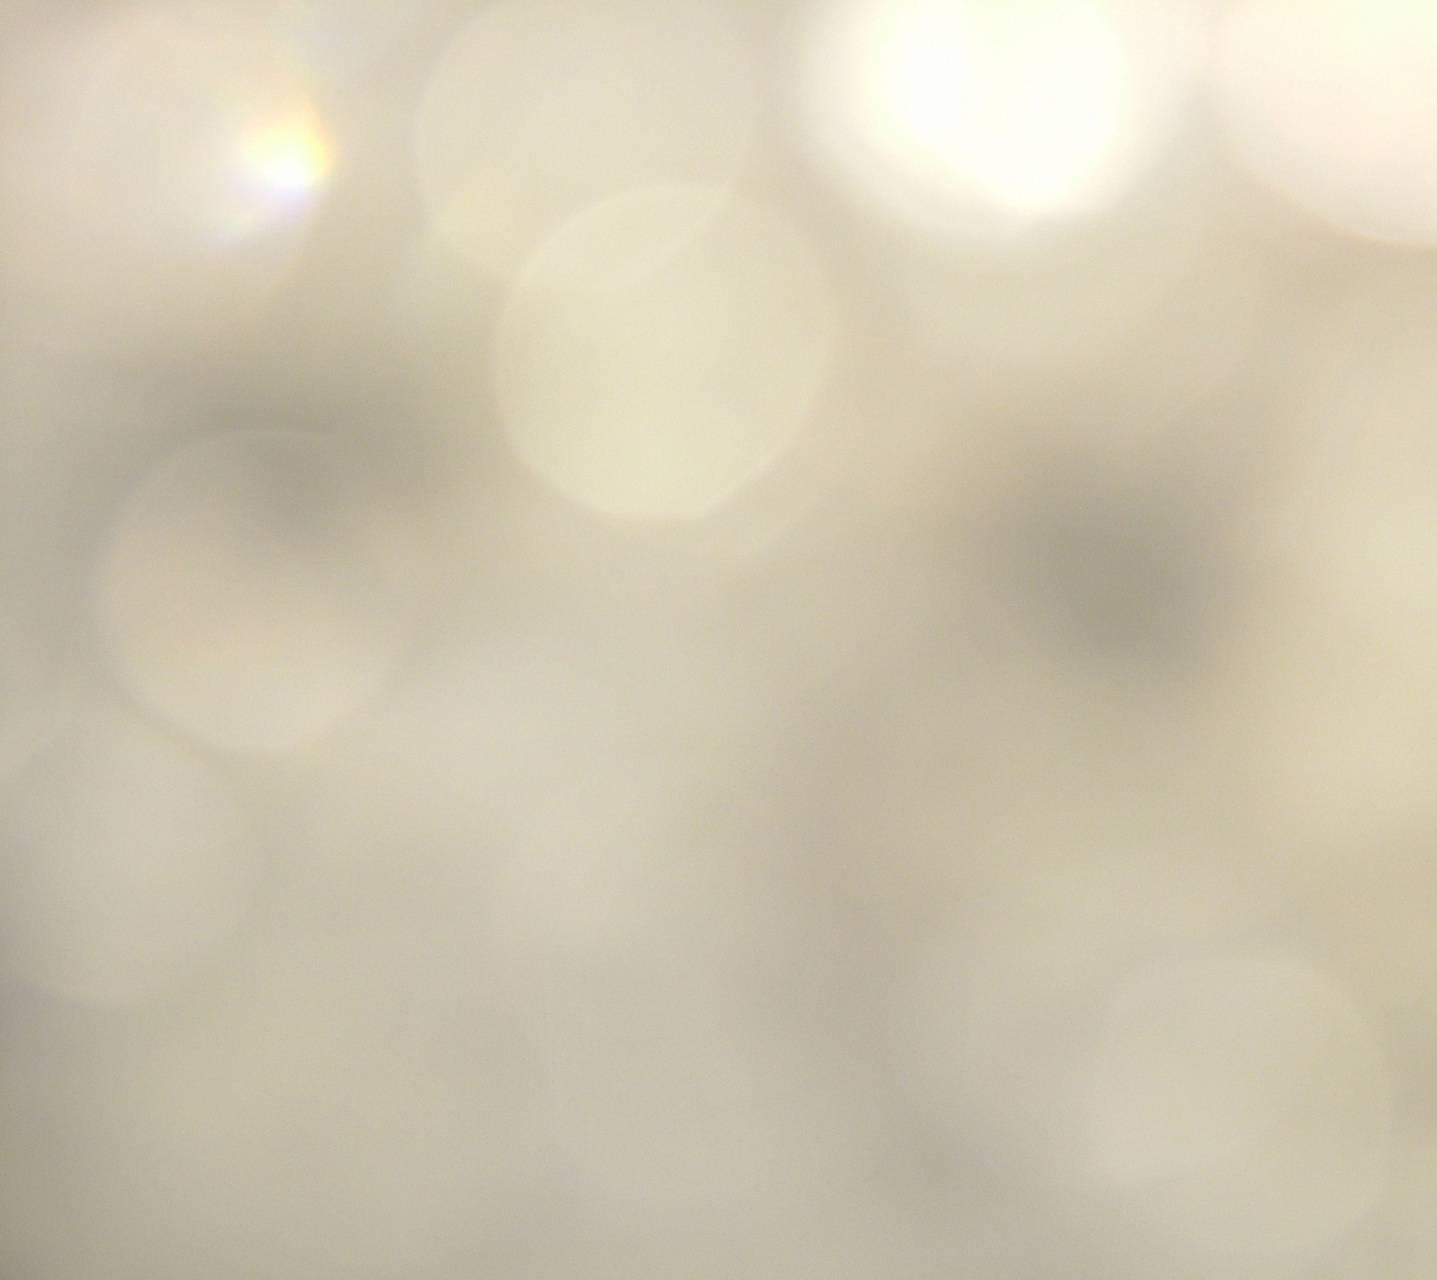 White Blur